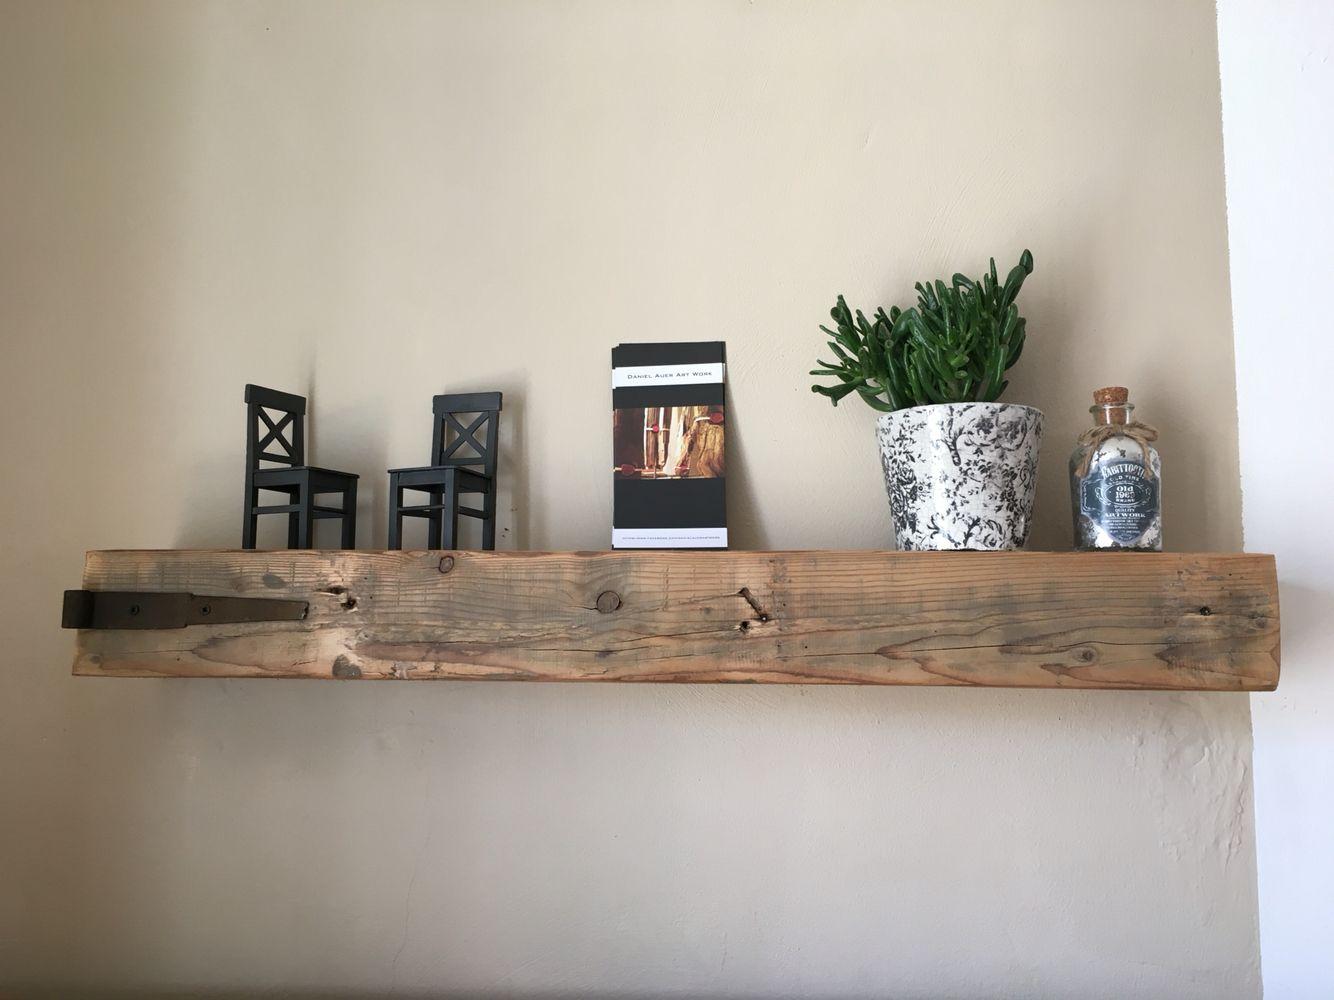 Holz Wohnzimmer ~ Holz wohnzimmer wohnidee raum design vase küche daniel